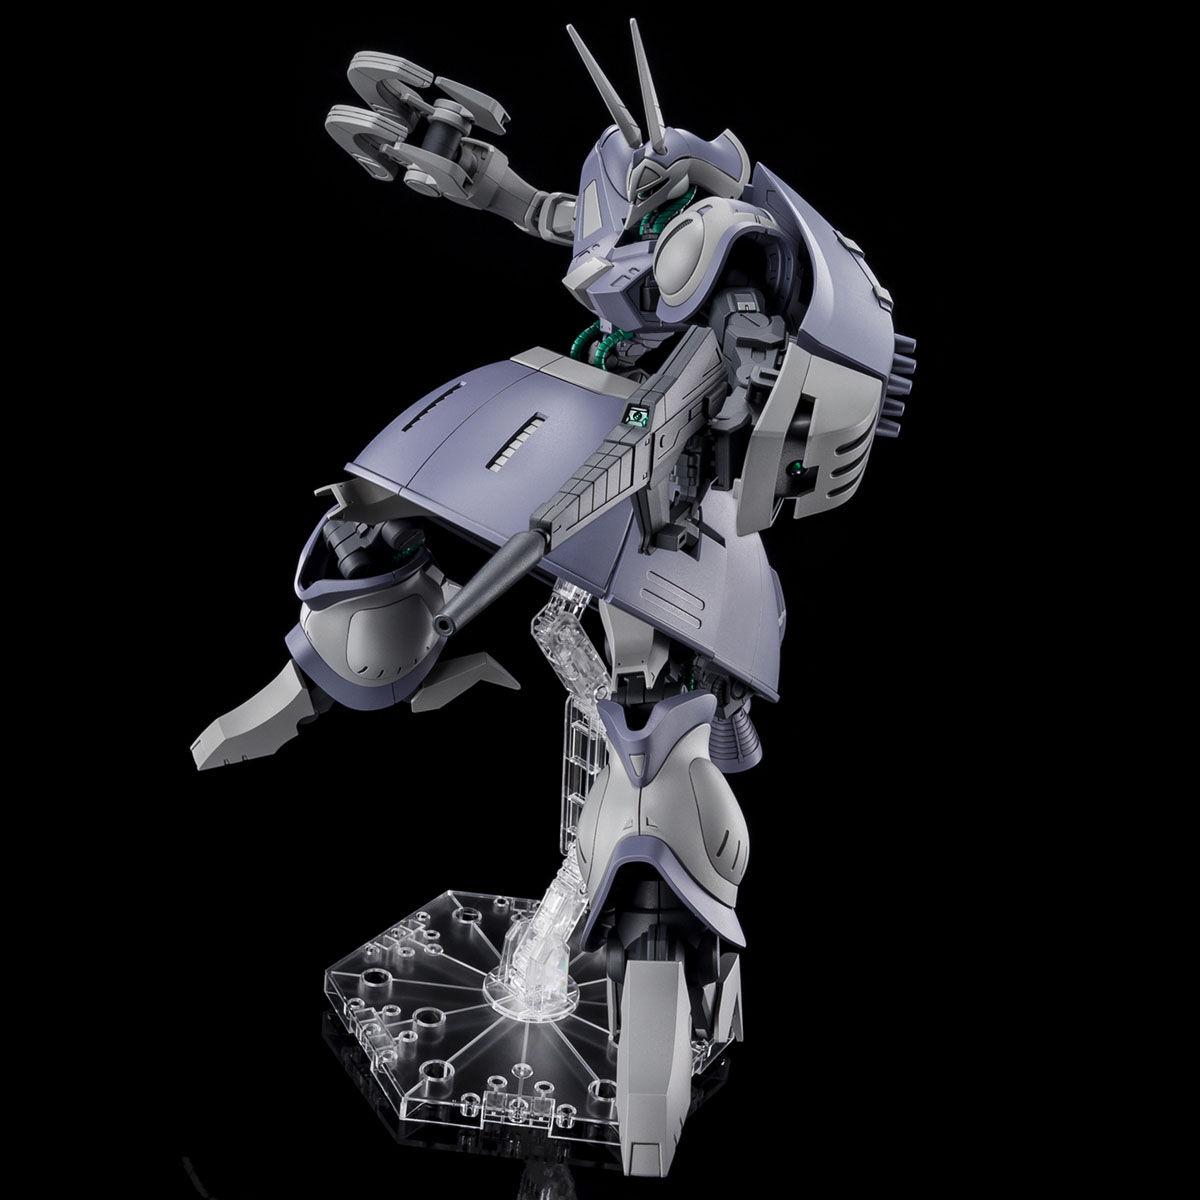 【限定販売】HG 1/144『バウンド・ドック(ゲーツ・キャパ専用機)』機動戦士Zガンダム プラモデル-004